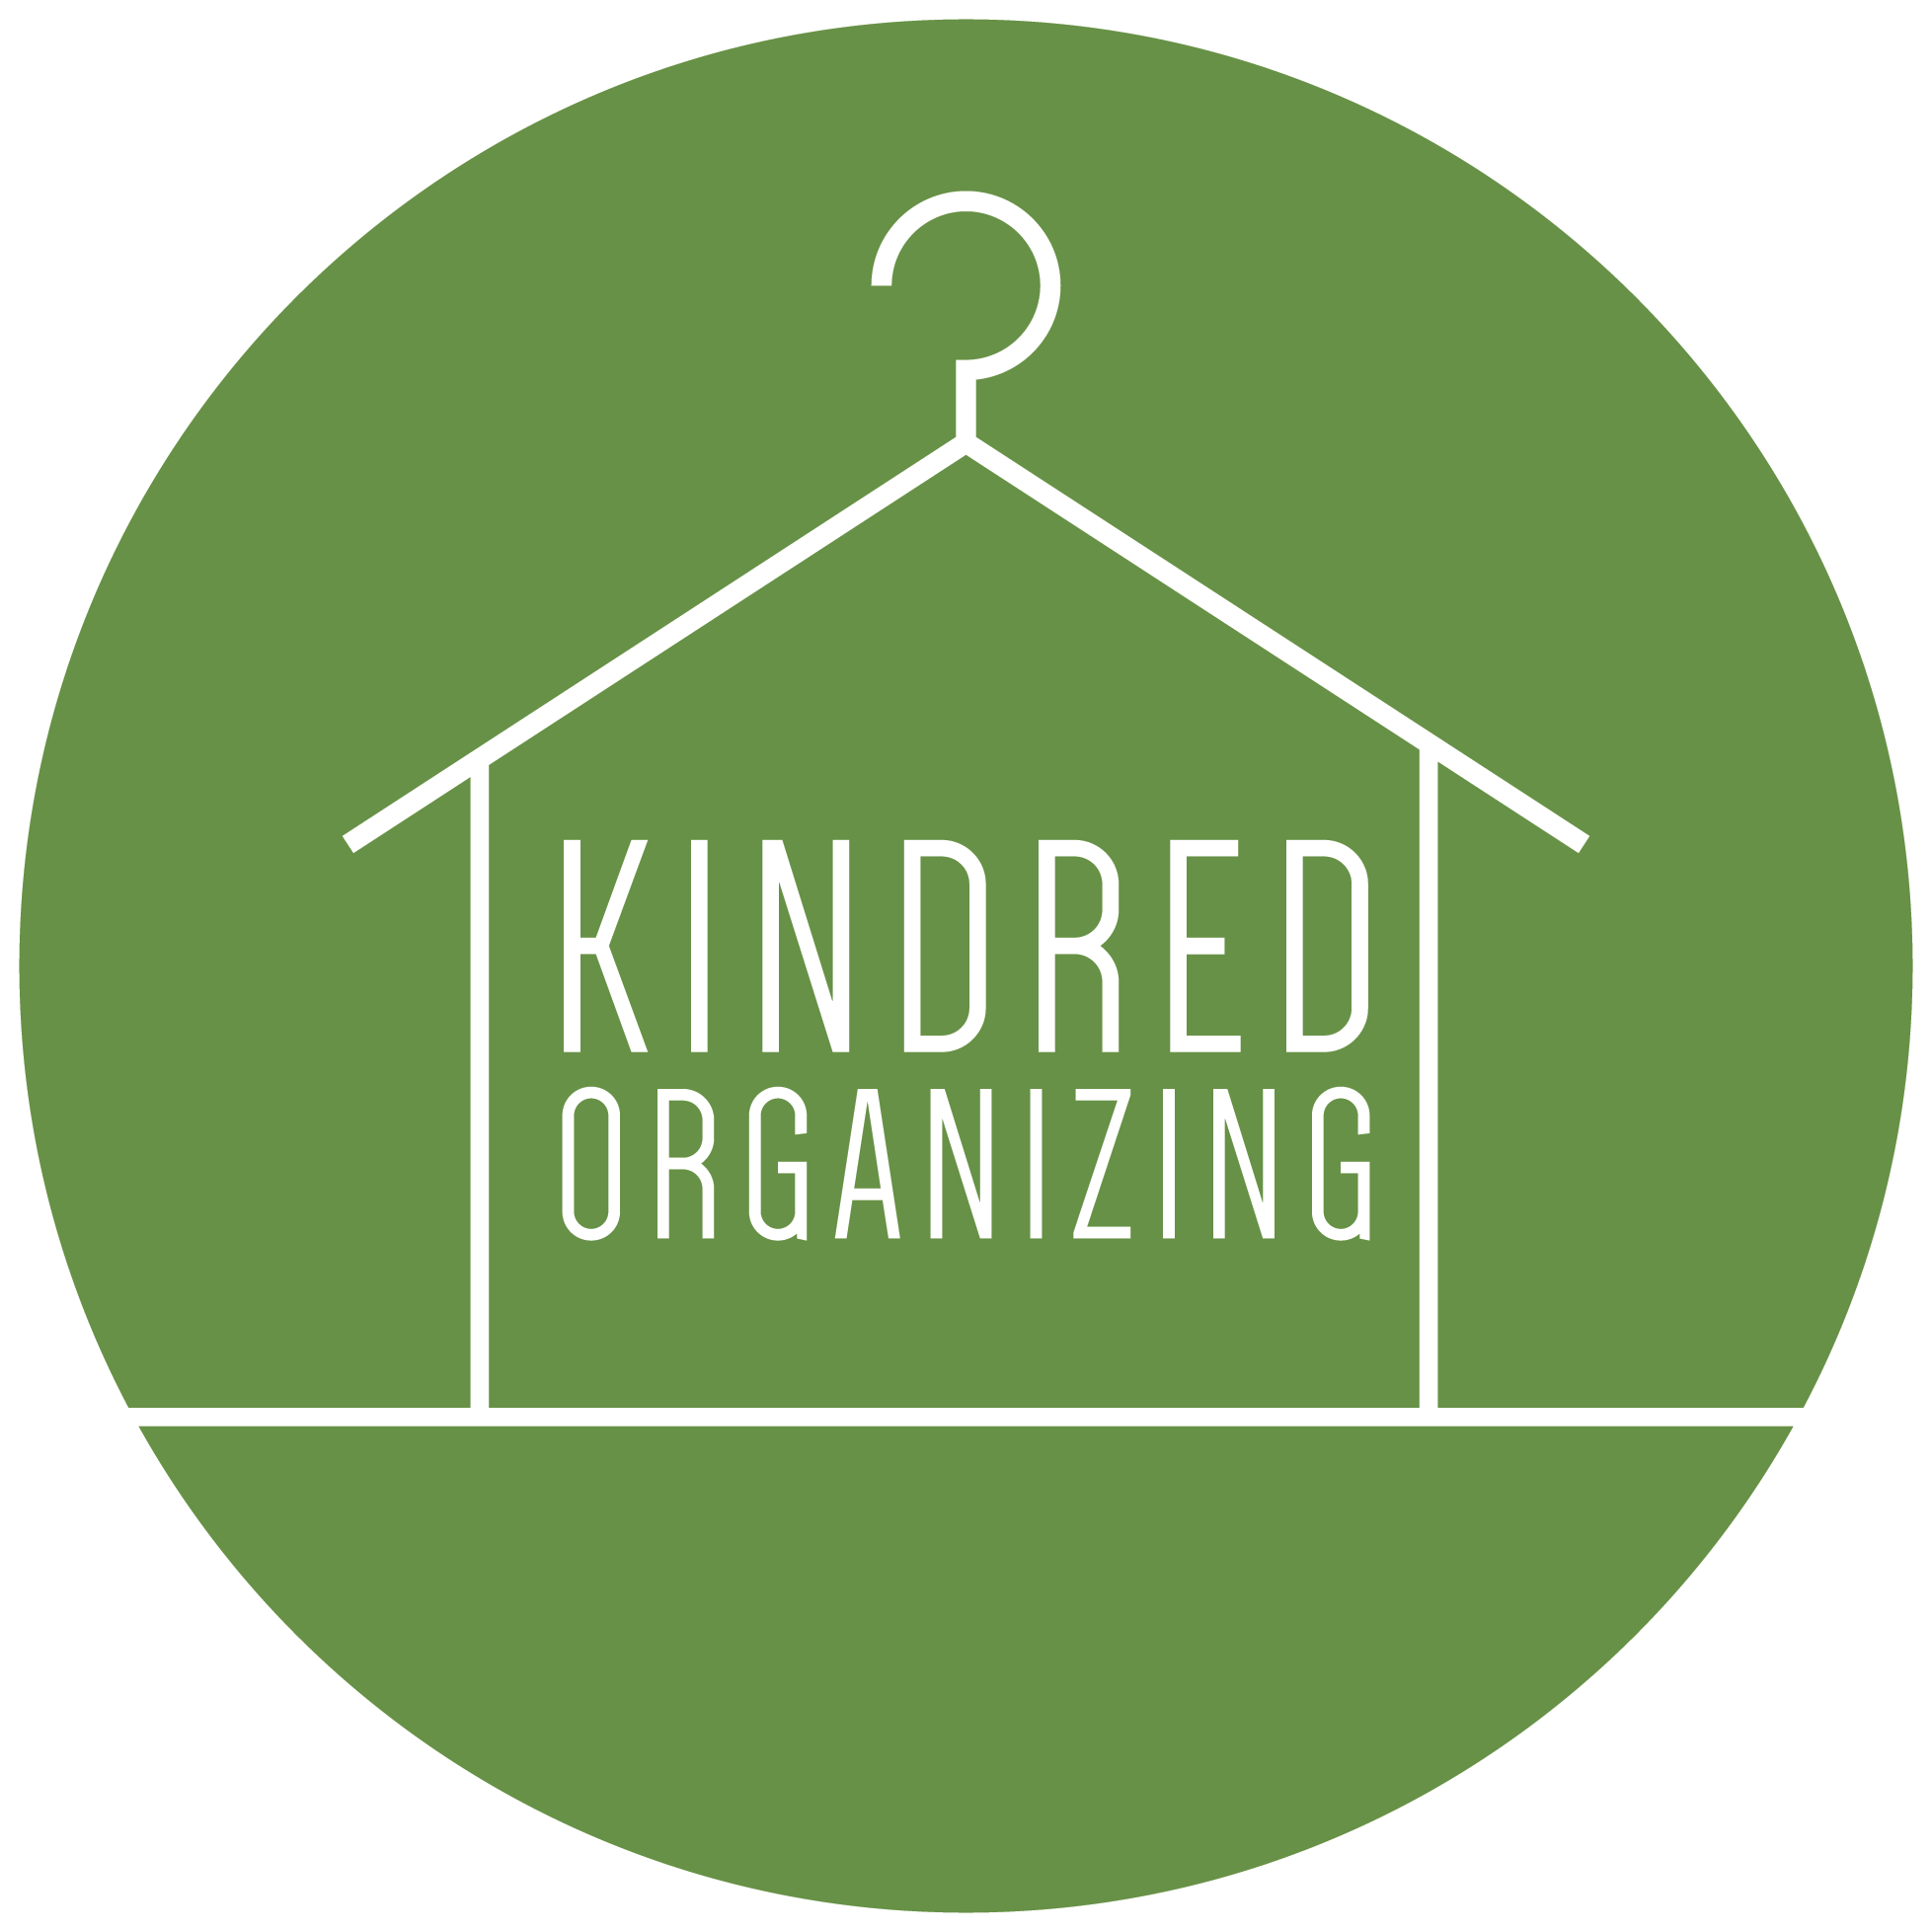 Kindred_Org_final_gr.png